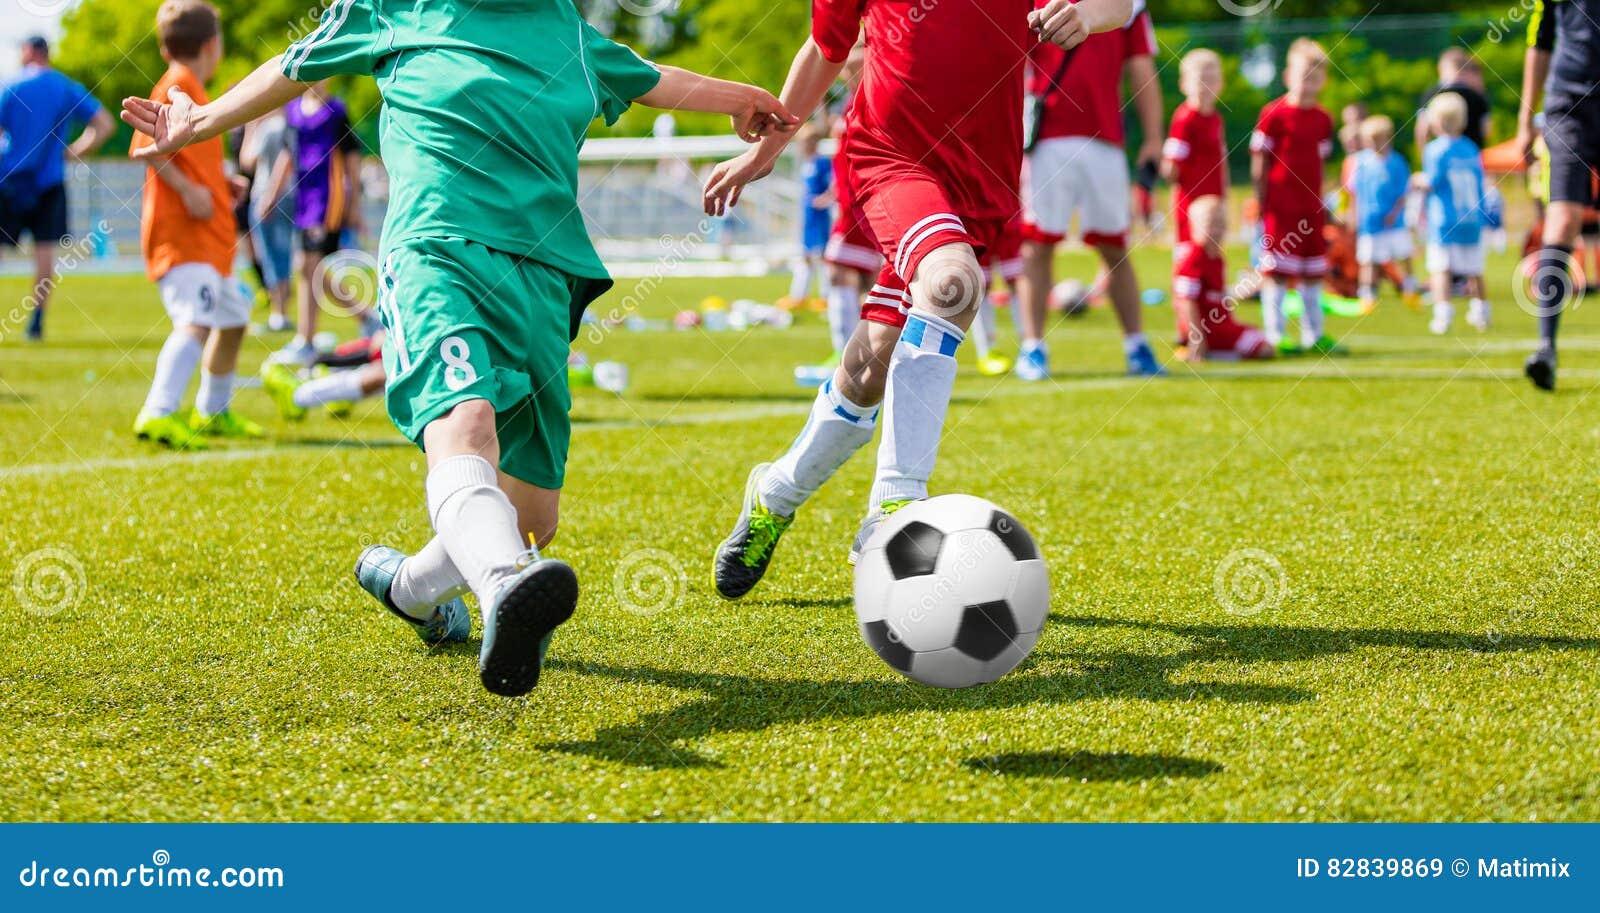 Bambini che giocano a calcio il gioco di calcio sul campo sportivo I ragazzi giocano a calcio la partita su erba verde Gruppi di